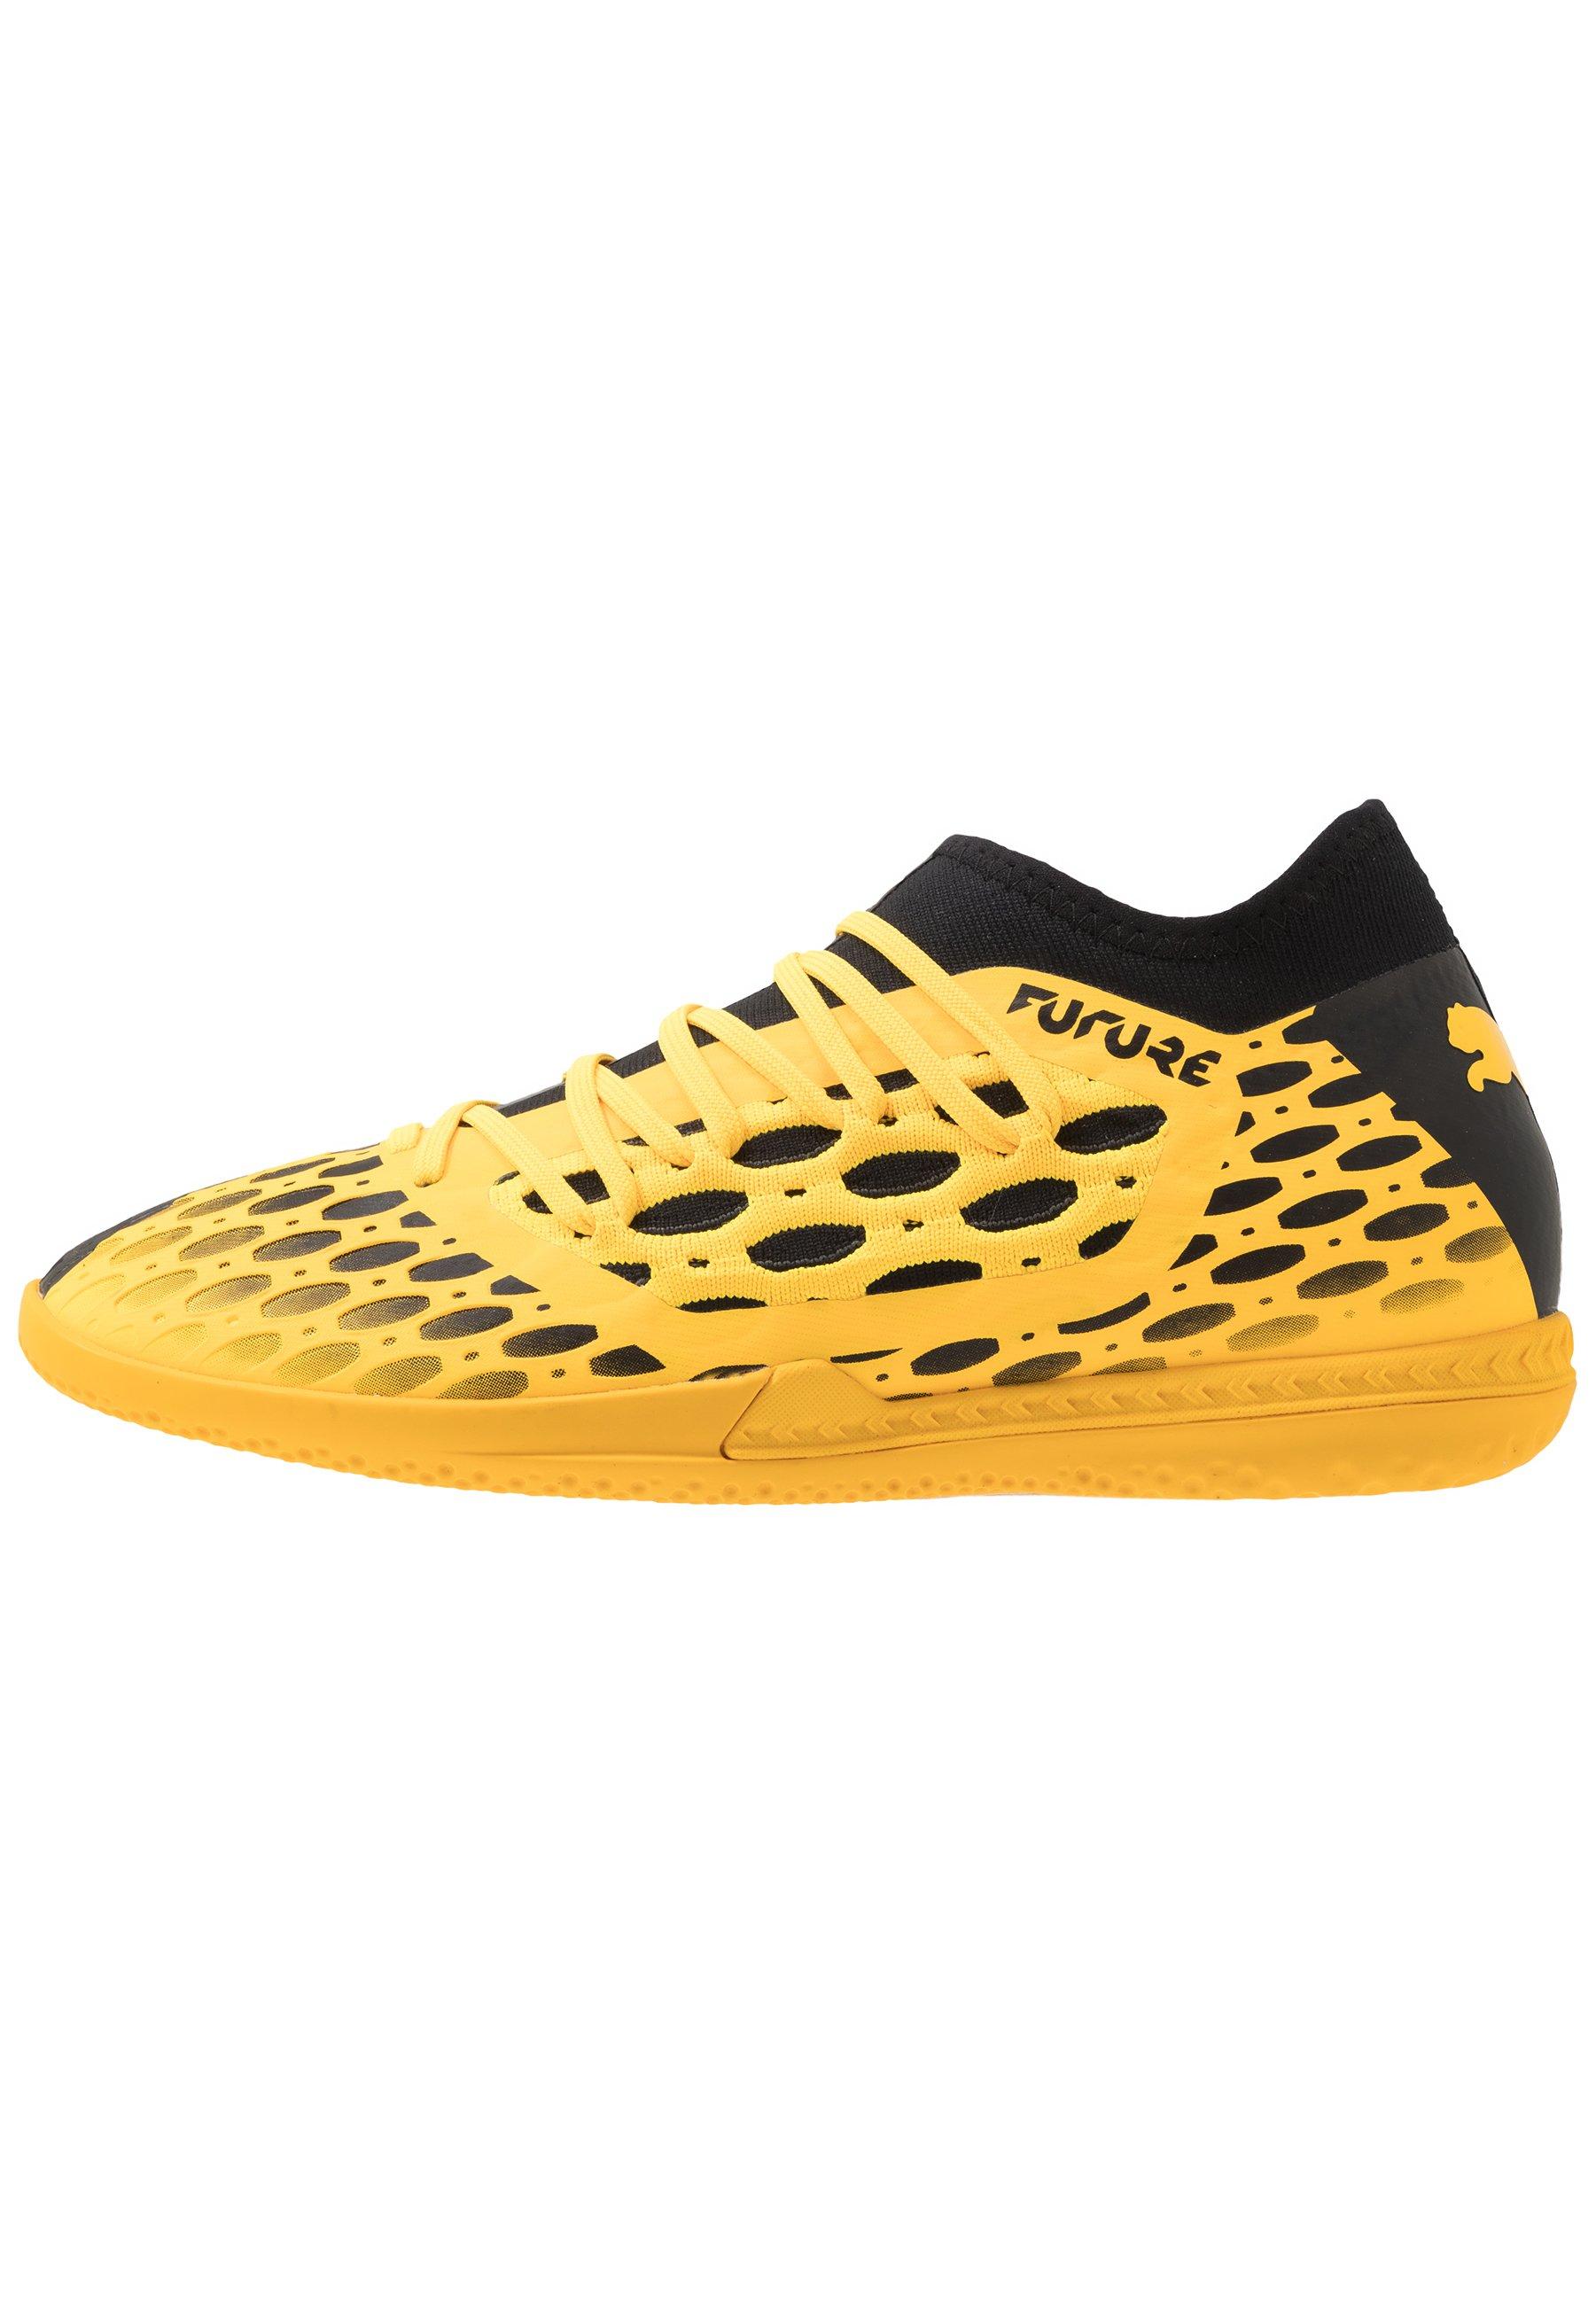 Chaussures de foot en salle homme | La sélection de Zalando